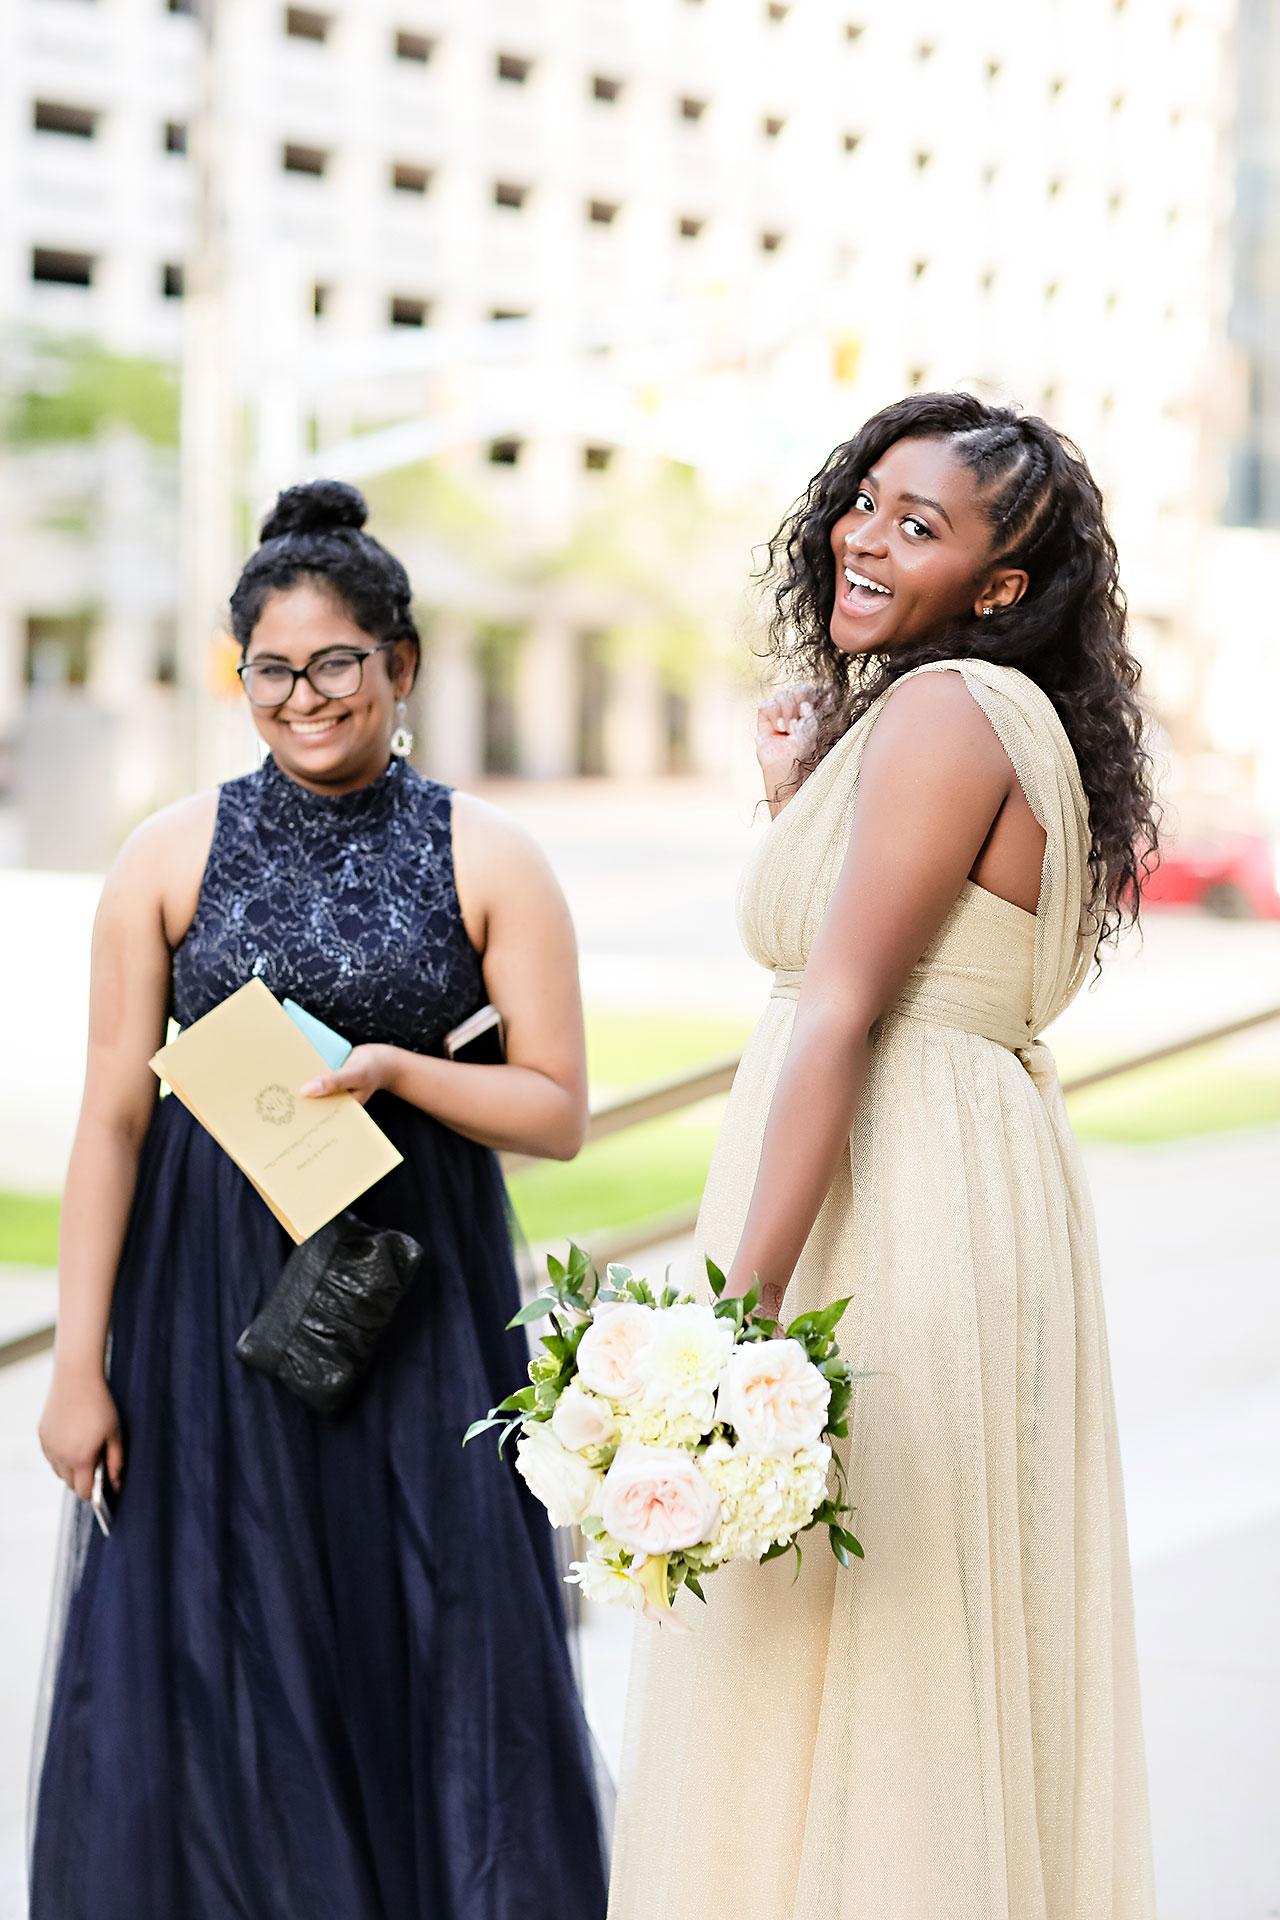 Joie Nikhil Indianapolis Christian Wedding 197